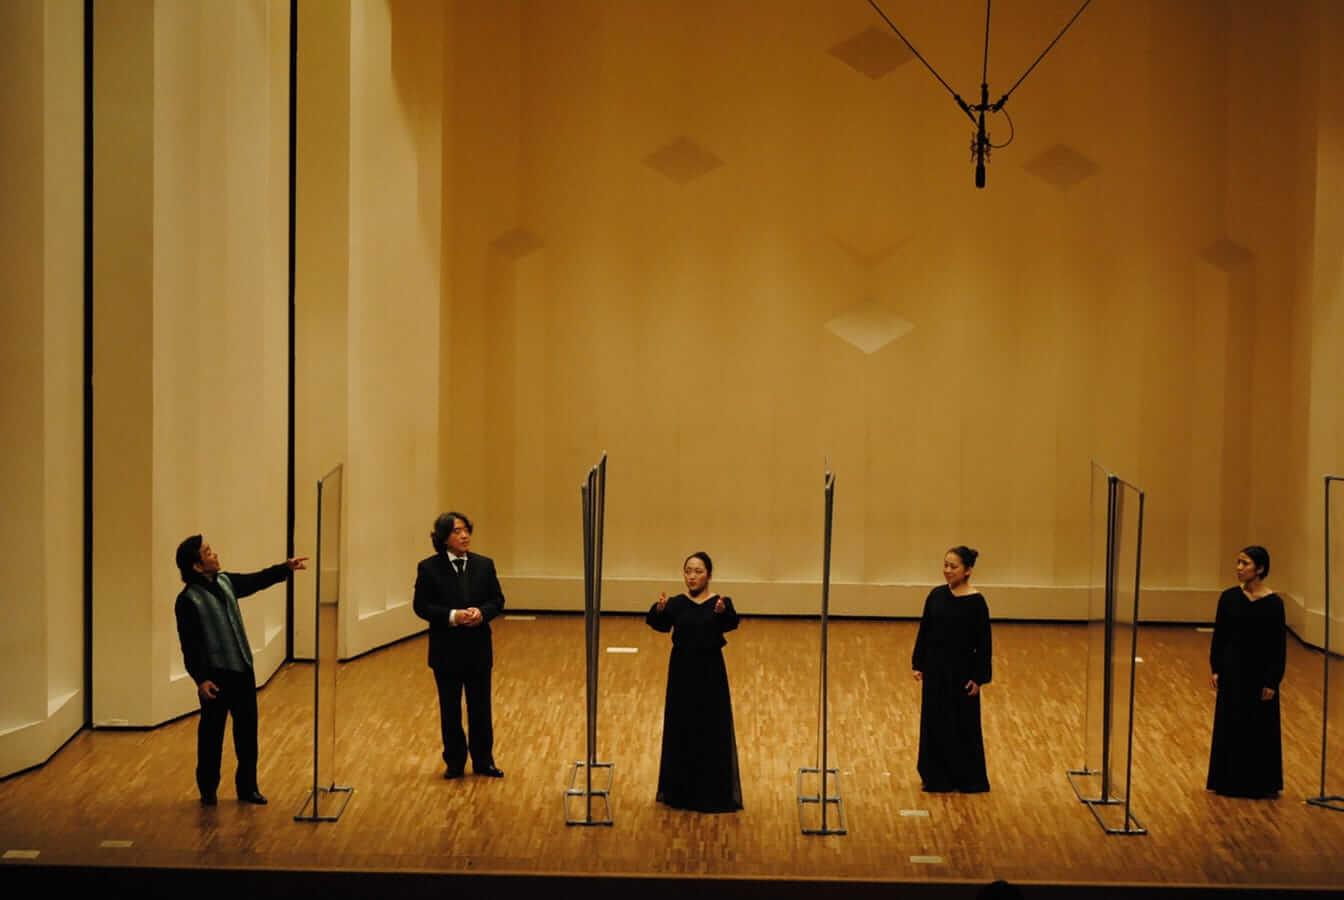 [写真]第12回学内演奏会 ―声楽コース 声楽専修 オペラアンサンブル―演奏風景7